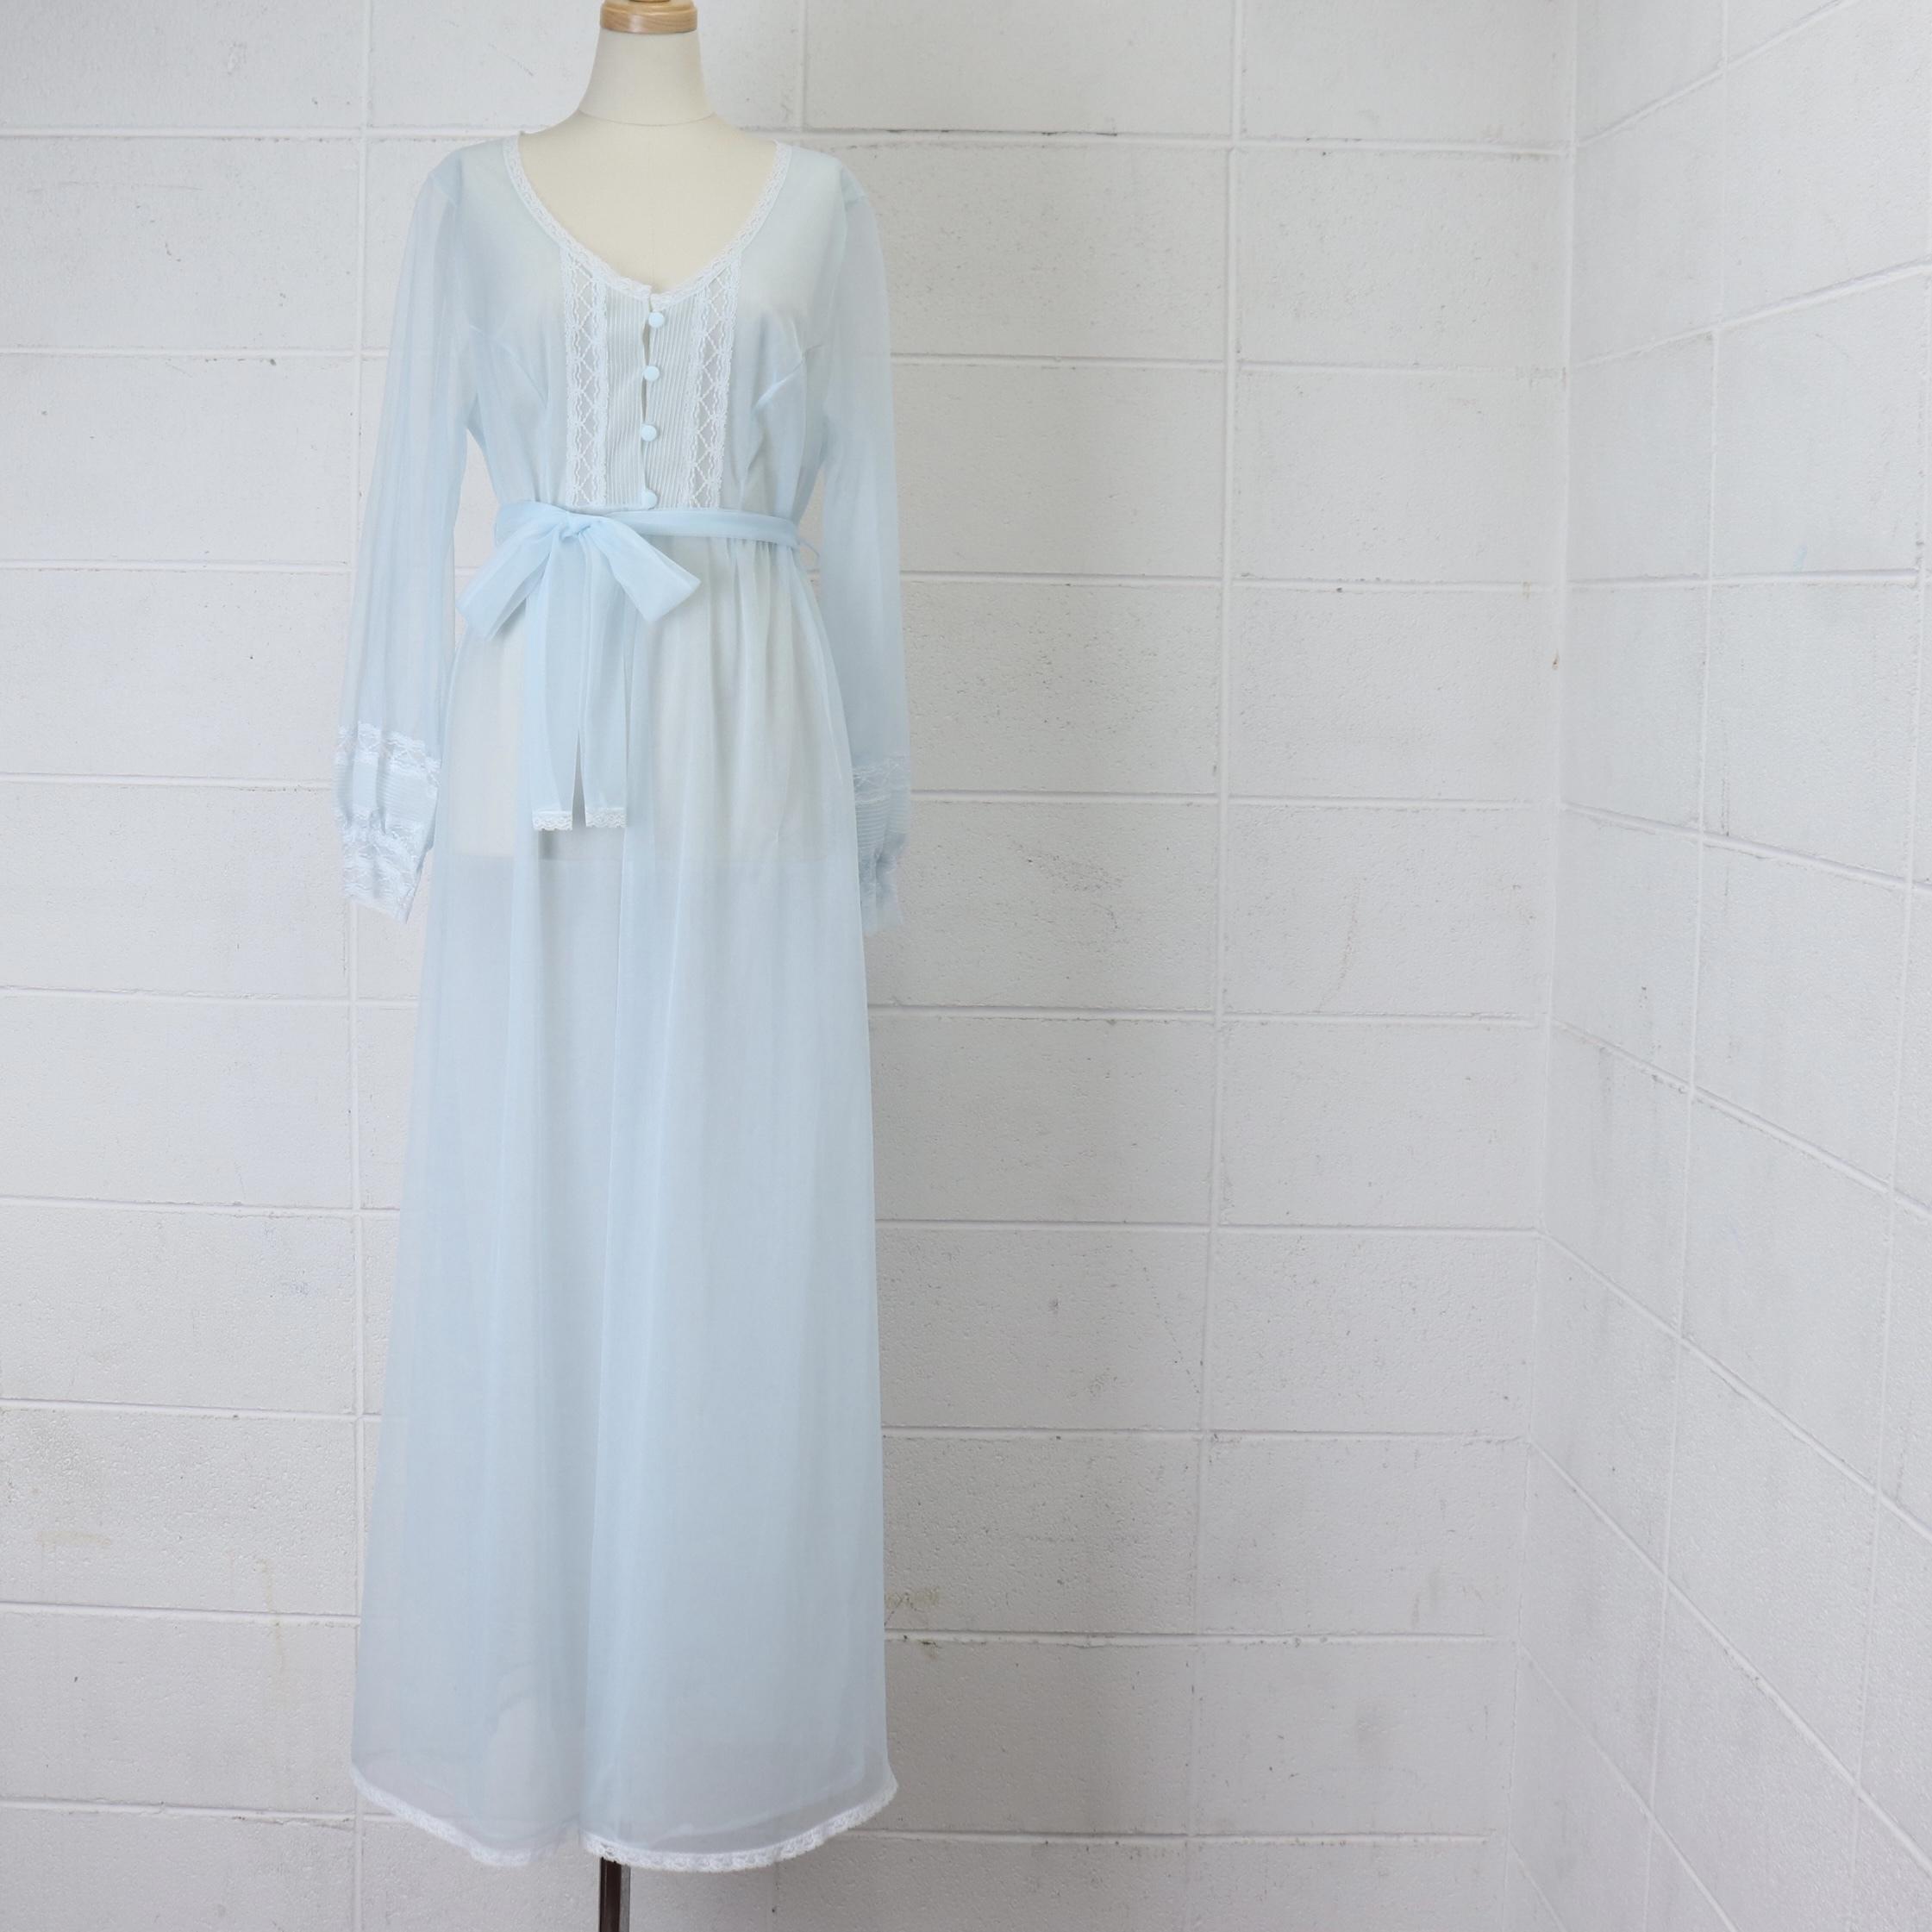 """レディース 60年代 USA製""""Sears"""" シアーズ ヴィンテージ ネグリジェ ランジェリー  レース シースルー シフォン  アメリカ古着 ライトブルー 36 60's Usa  Vintage negligee lingerie Dress"""